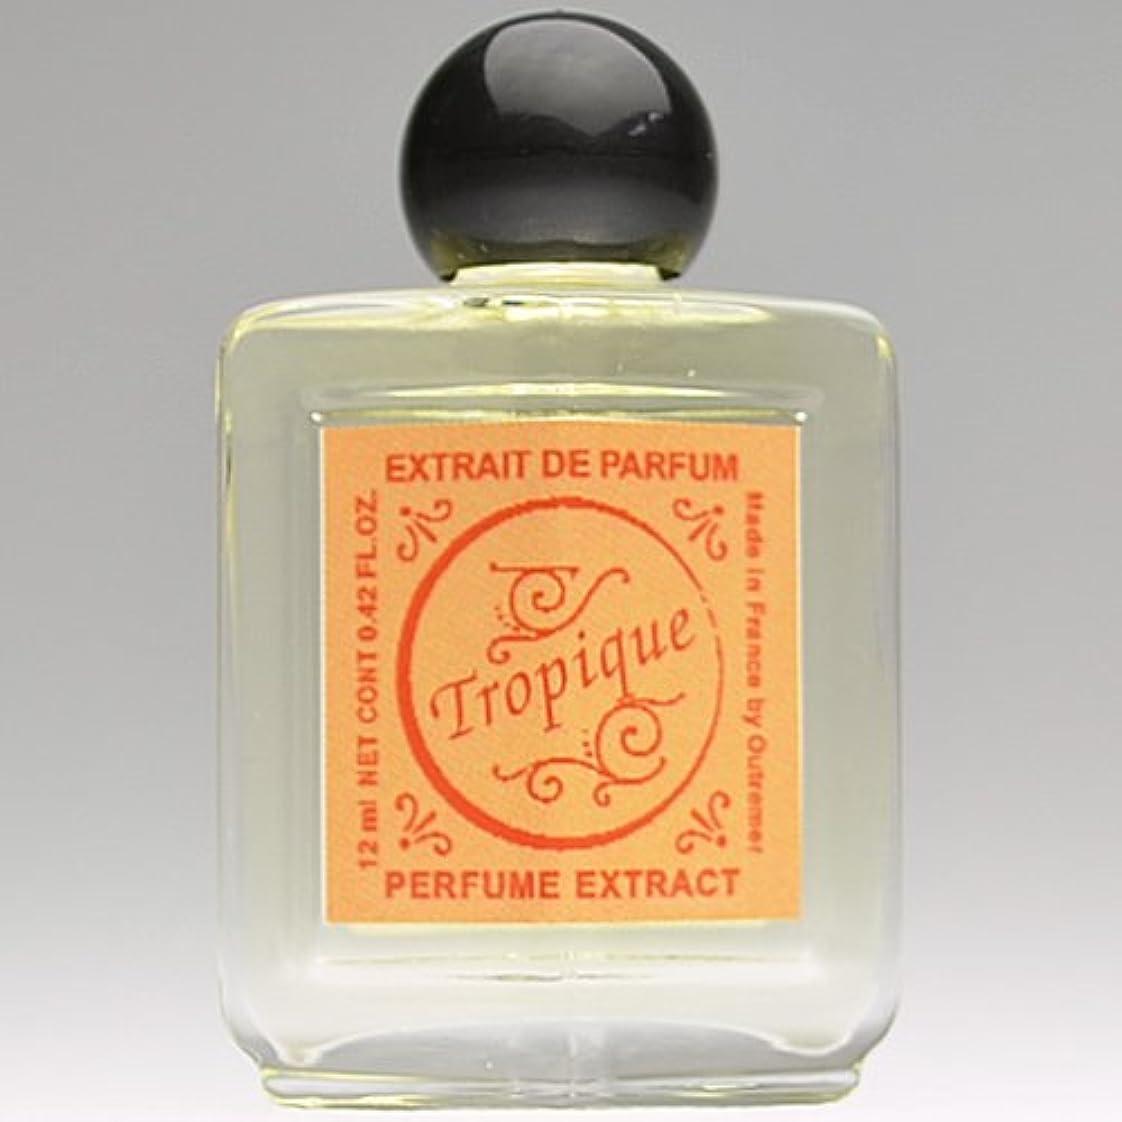 L'Aromarine(アロマリン) パフュームエクストラクト(アロマオイル) 12ml 「ジャスミン」 4994228017017